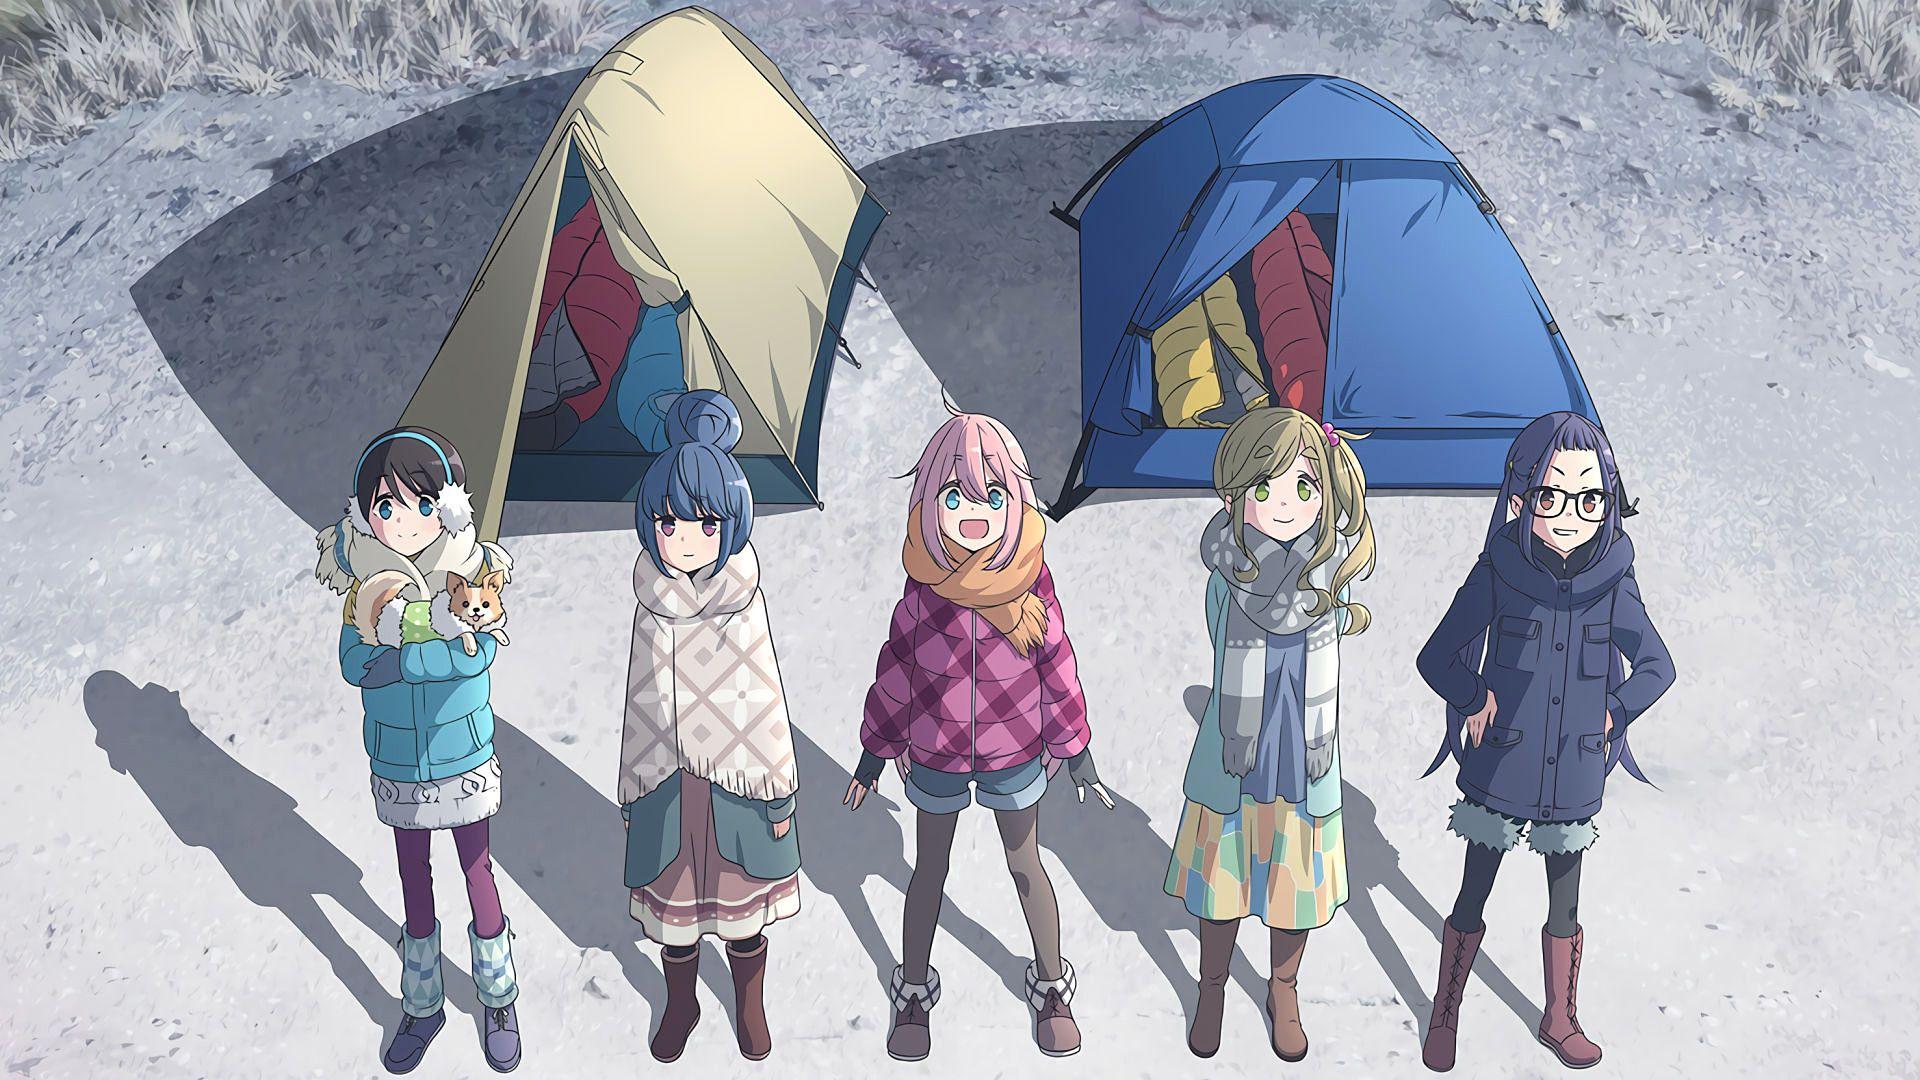 【ぼっち】「ひとりキャンプ」って出来る? 「おひとりさま」の限界 [マイナビ調査] ★7 ->画像>23枚